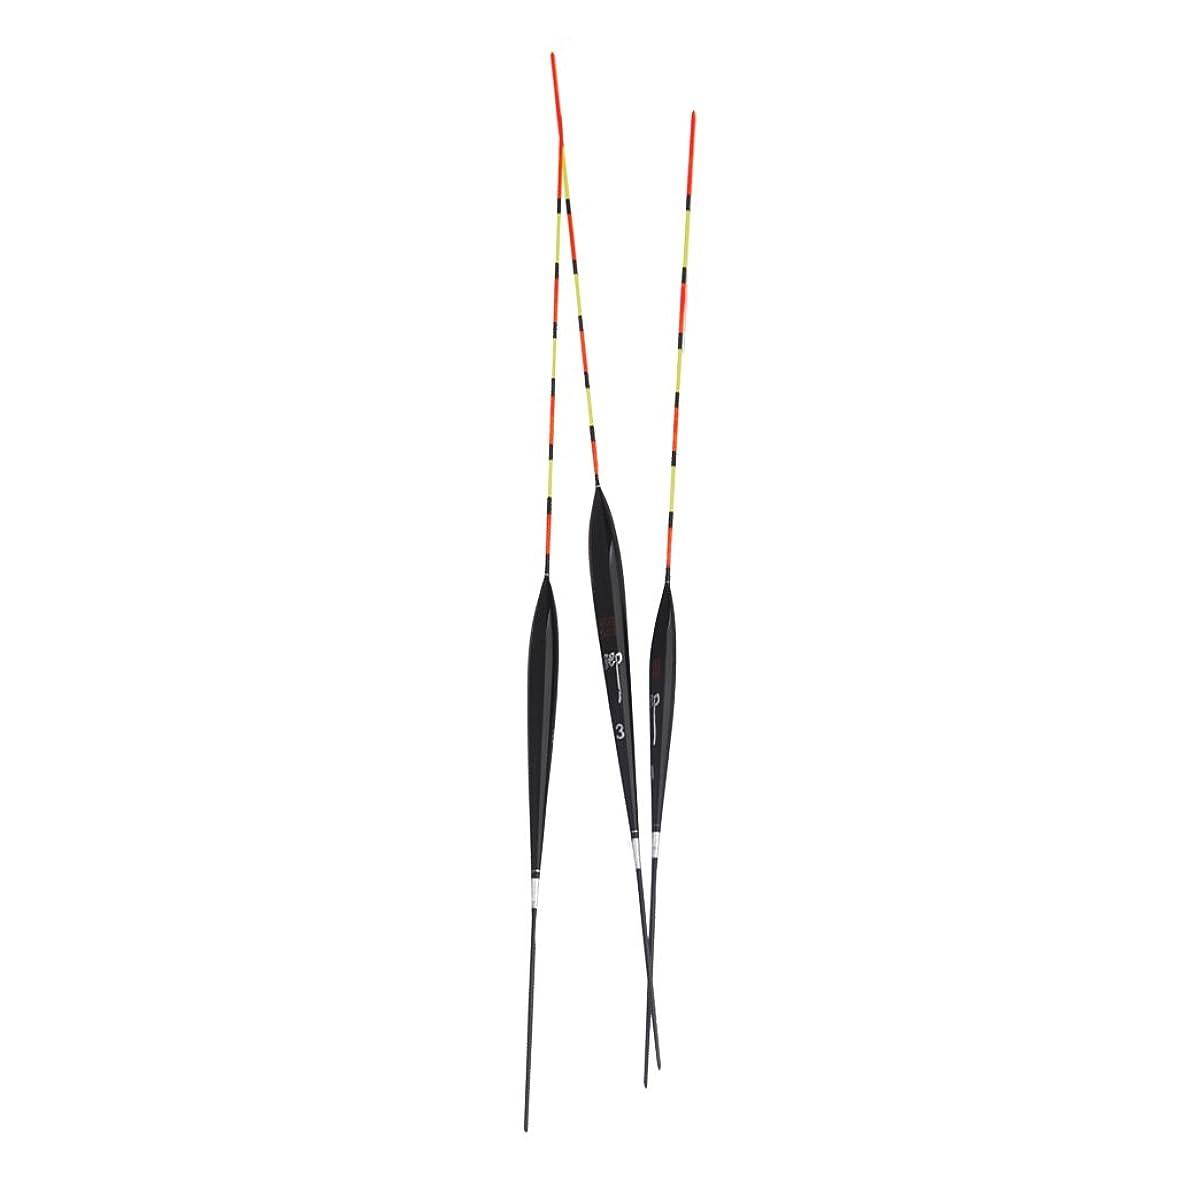 勝利した消費する美しい【ノーブランド品】鯉 パーチ 釣り用 バルサ材製 浮き フロート 3個